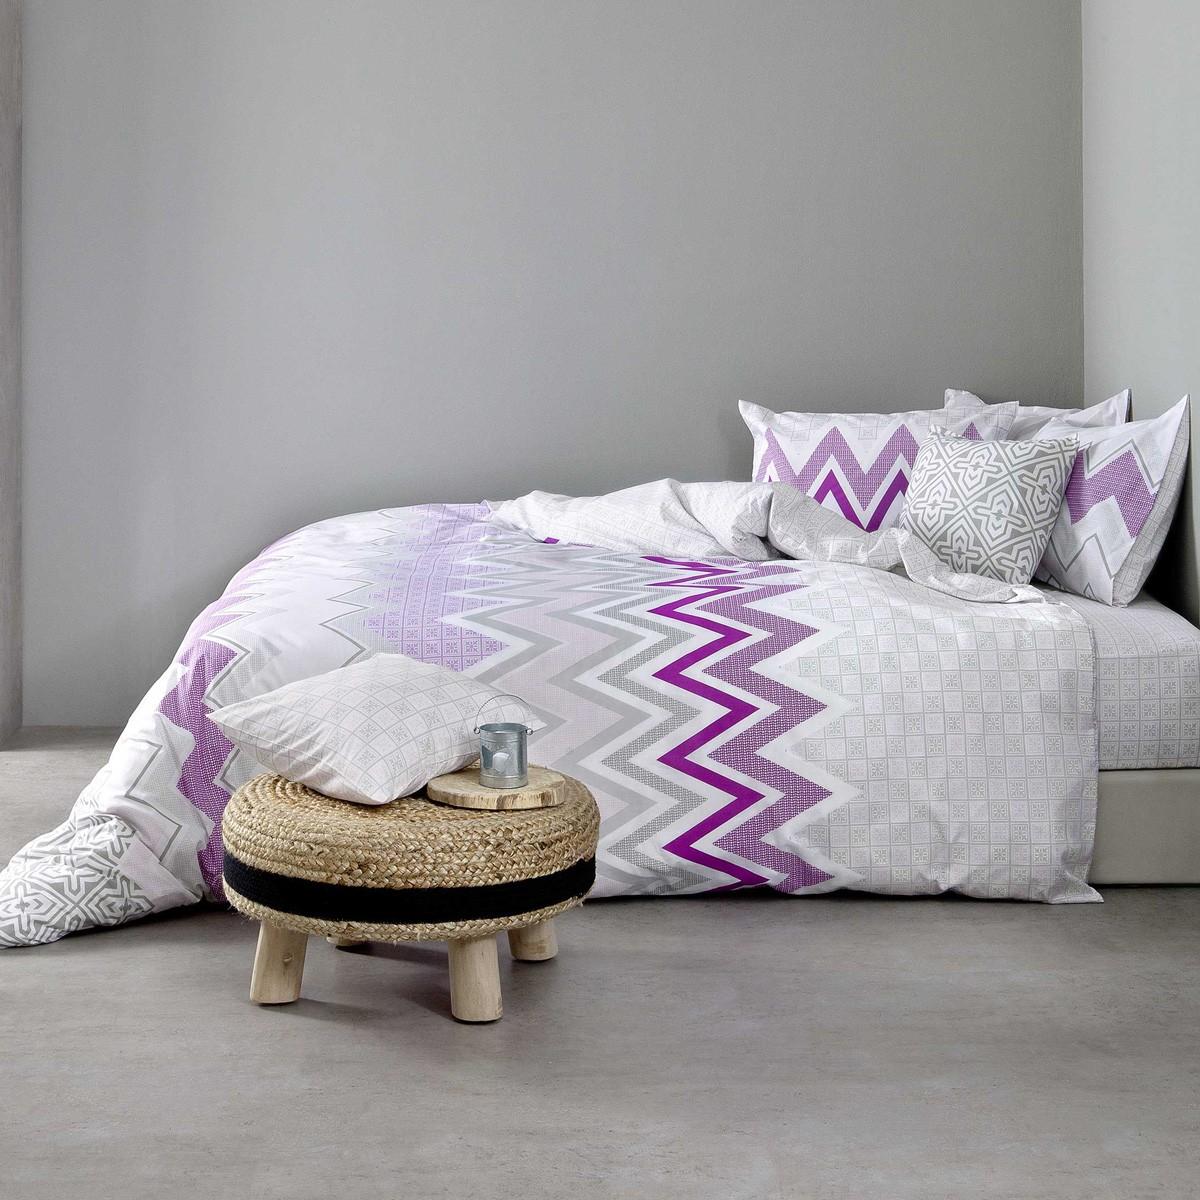 Σεντόνια Υπέρδιπλα (Σετ) Nima Bed Linen Pozitano Lilac ΧΩΡΙΣ ΛΑΣΤΙΧΟ ΧΩΡΙΣ ΛΑΣΤΙΧΟ